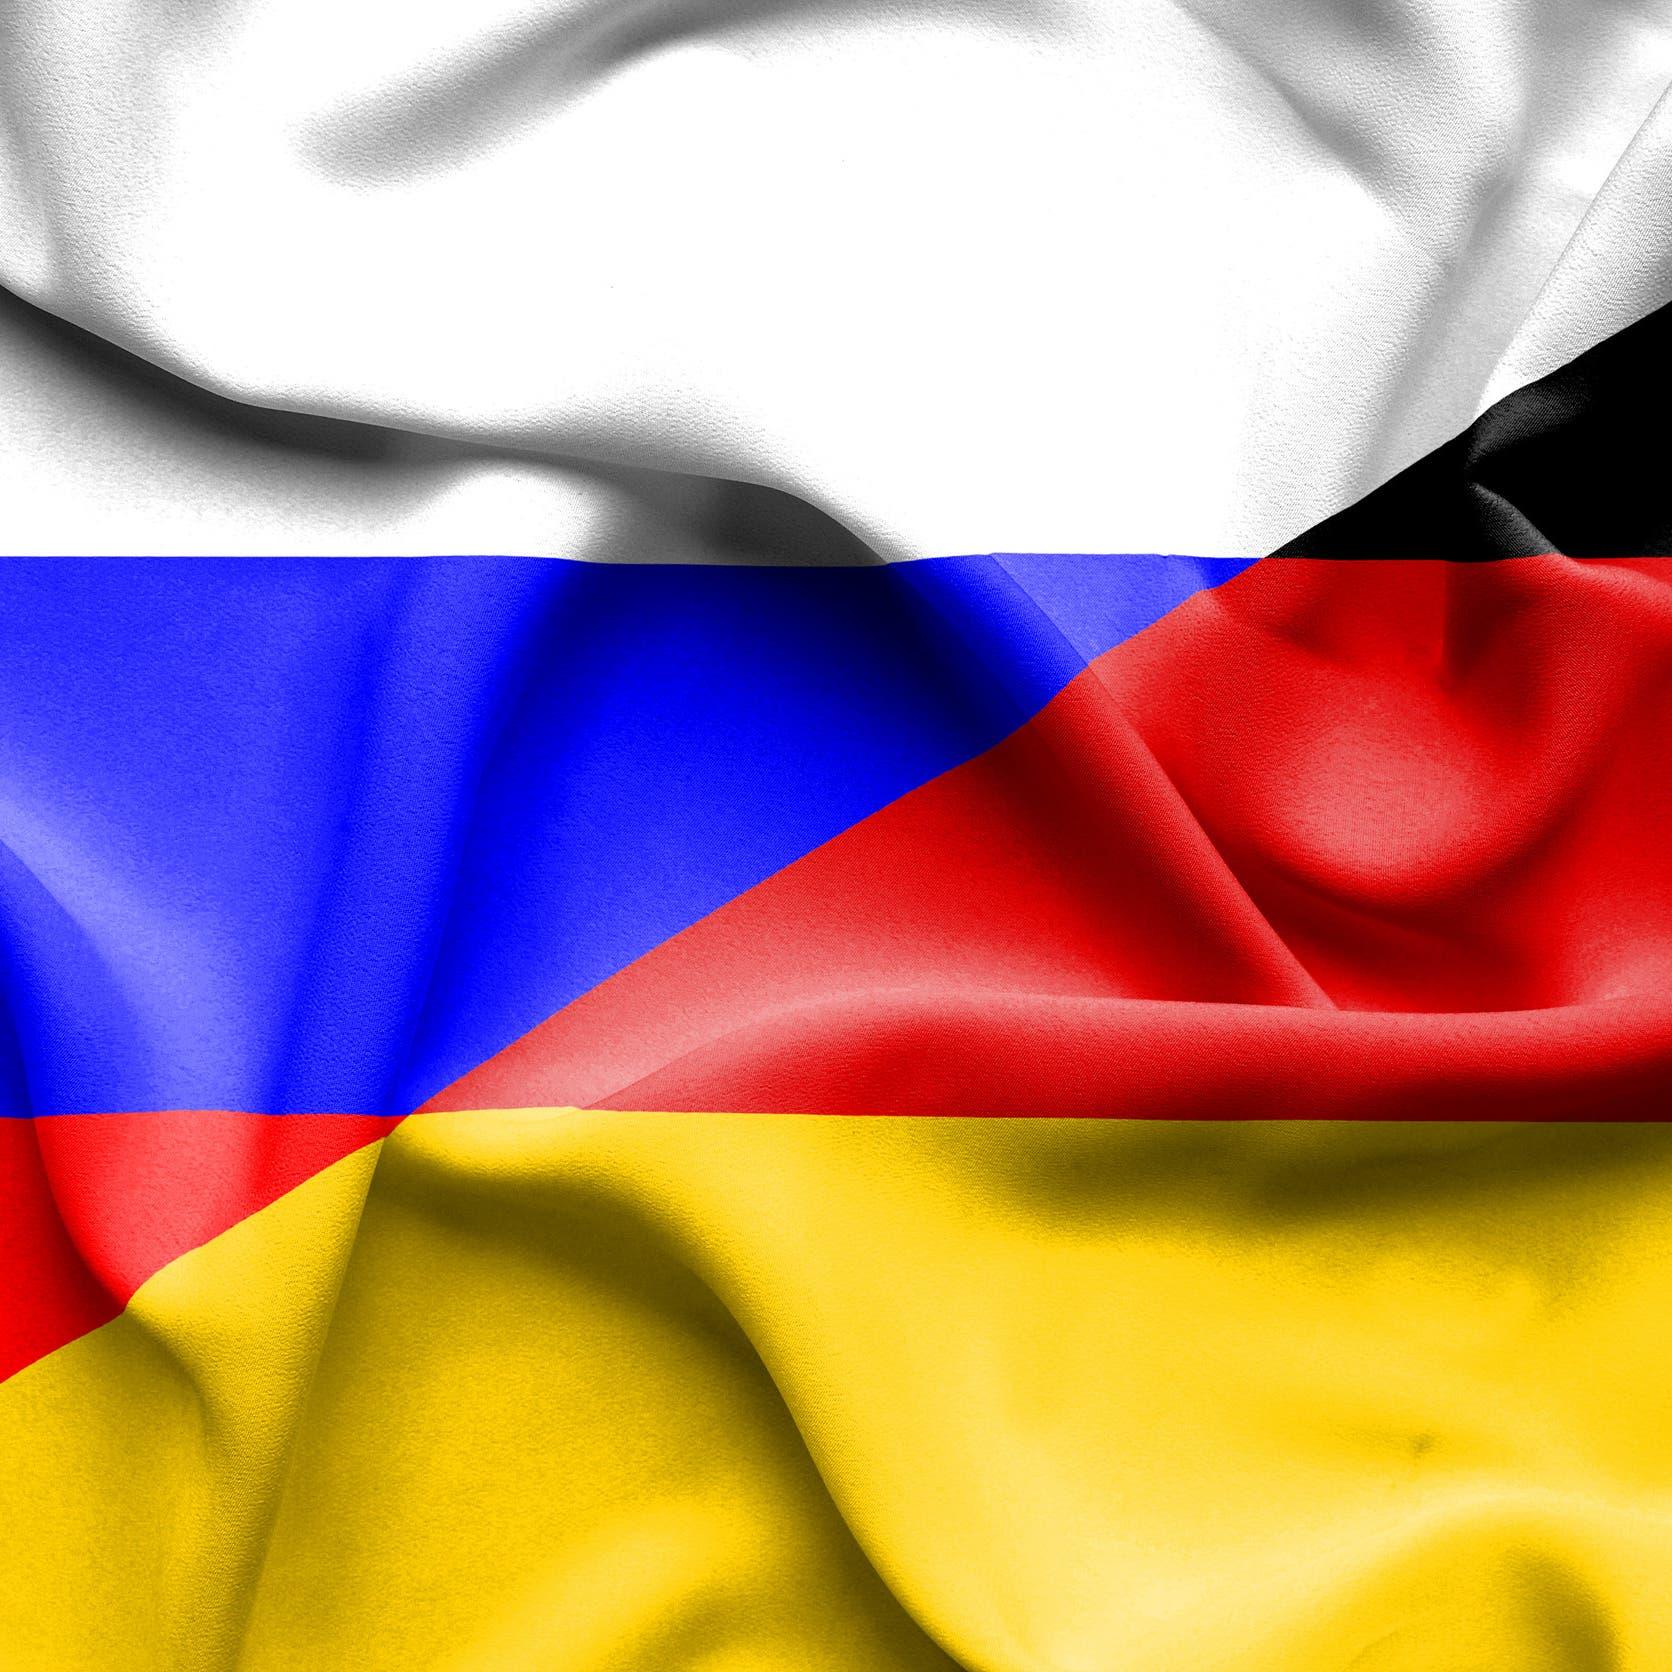 ألمانيا تحتج لدى روسيا على هجمات إلكترونية تسبق الانتخابات